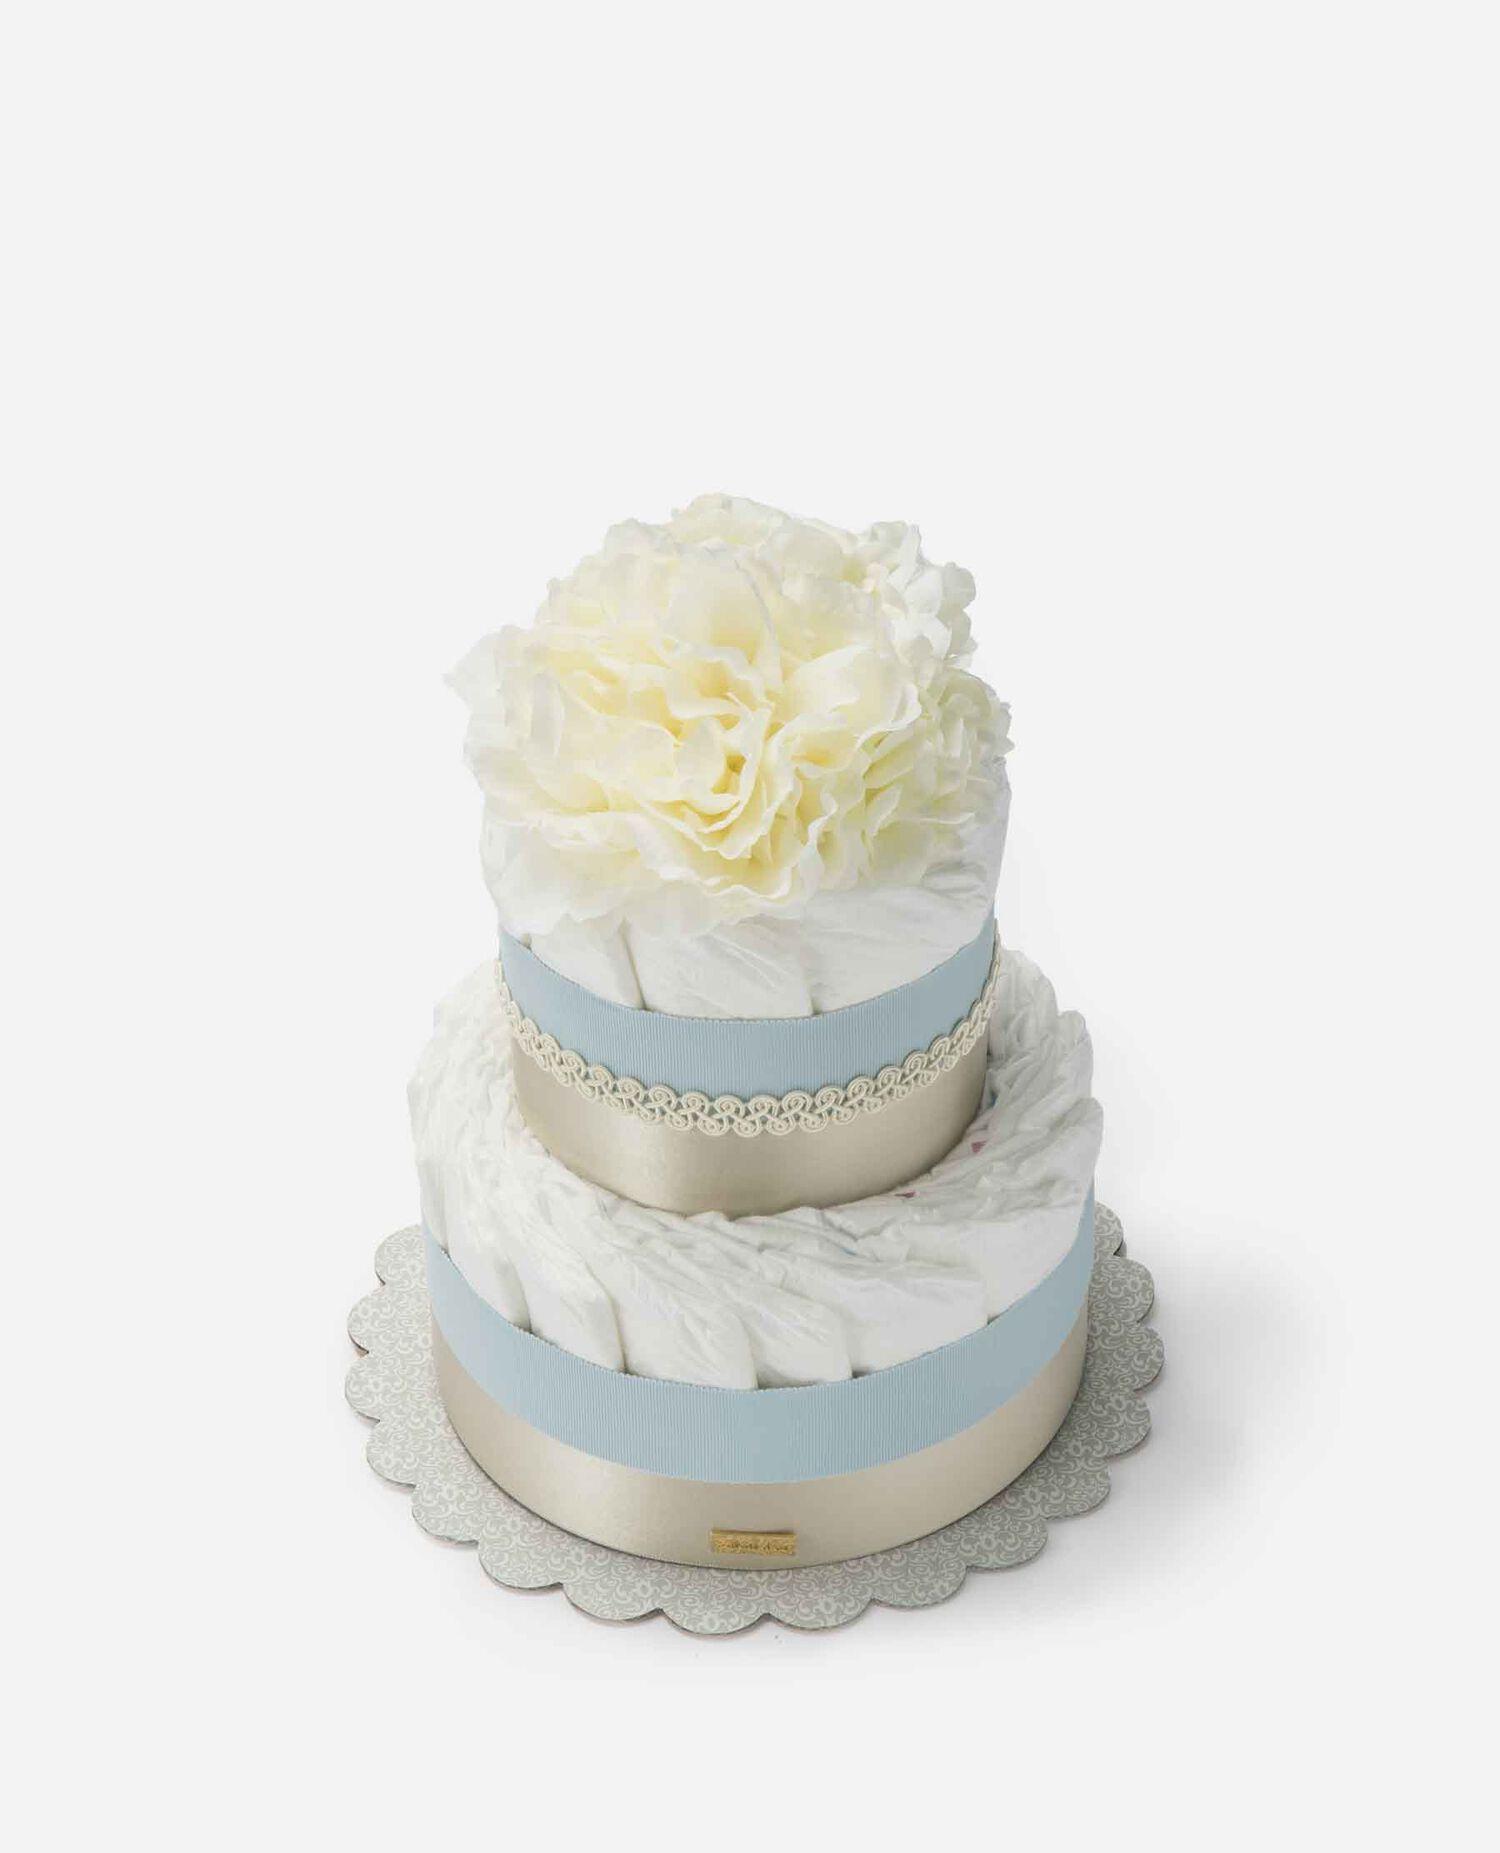 おむつケーキ ムードマーク 限定 デザイン ブルー